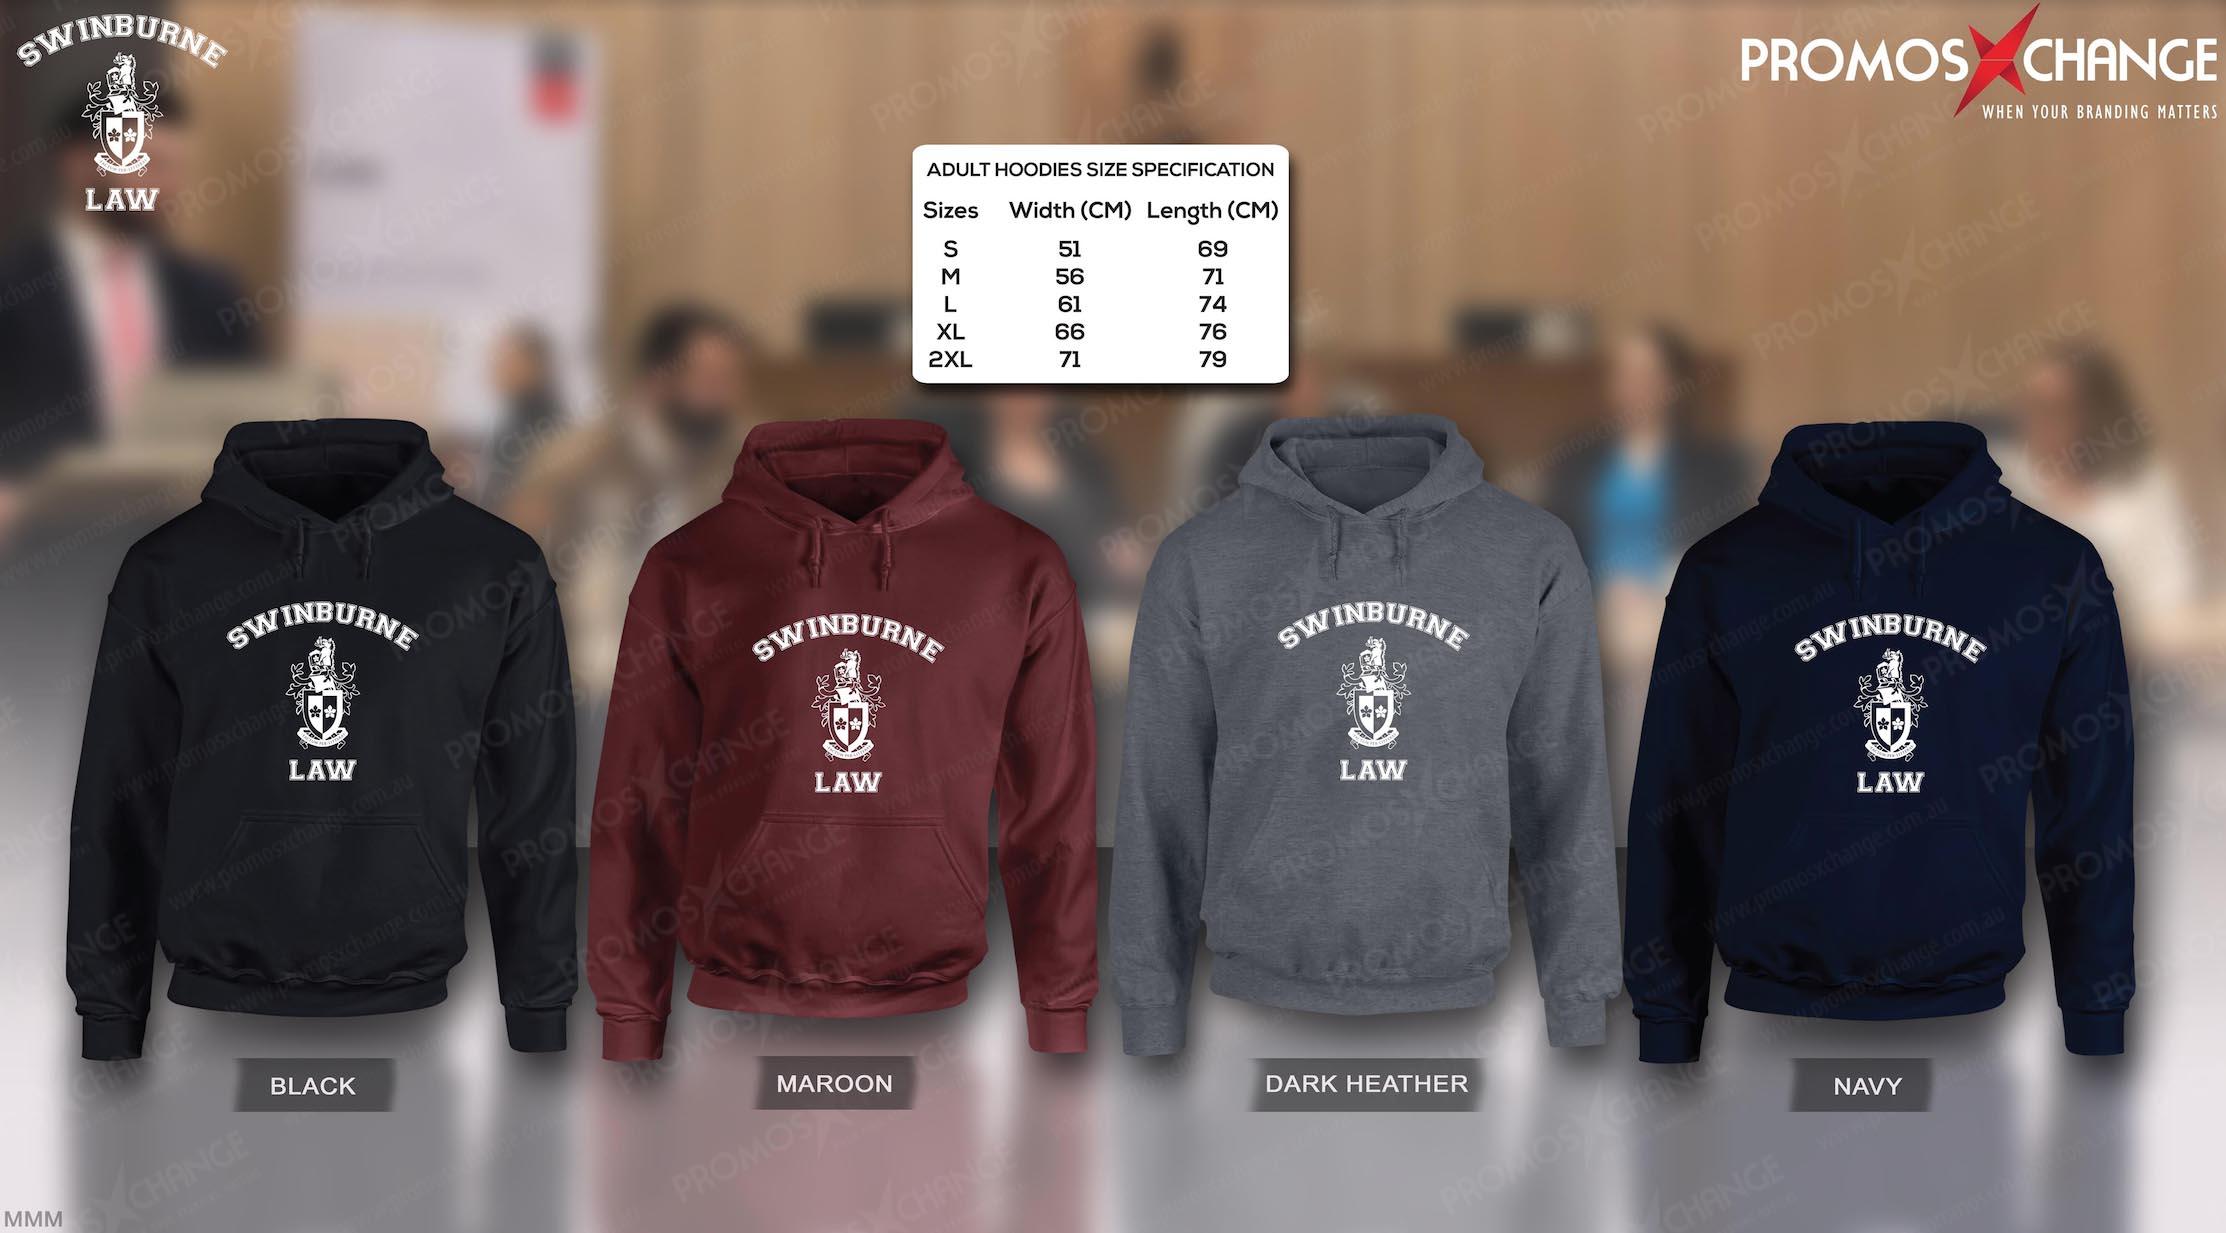 Swinburne Law Hoods by PromosXchange.jpg